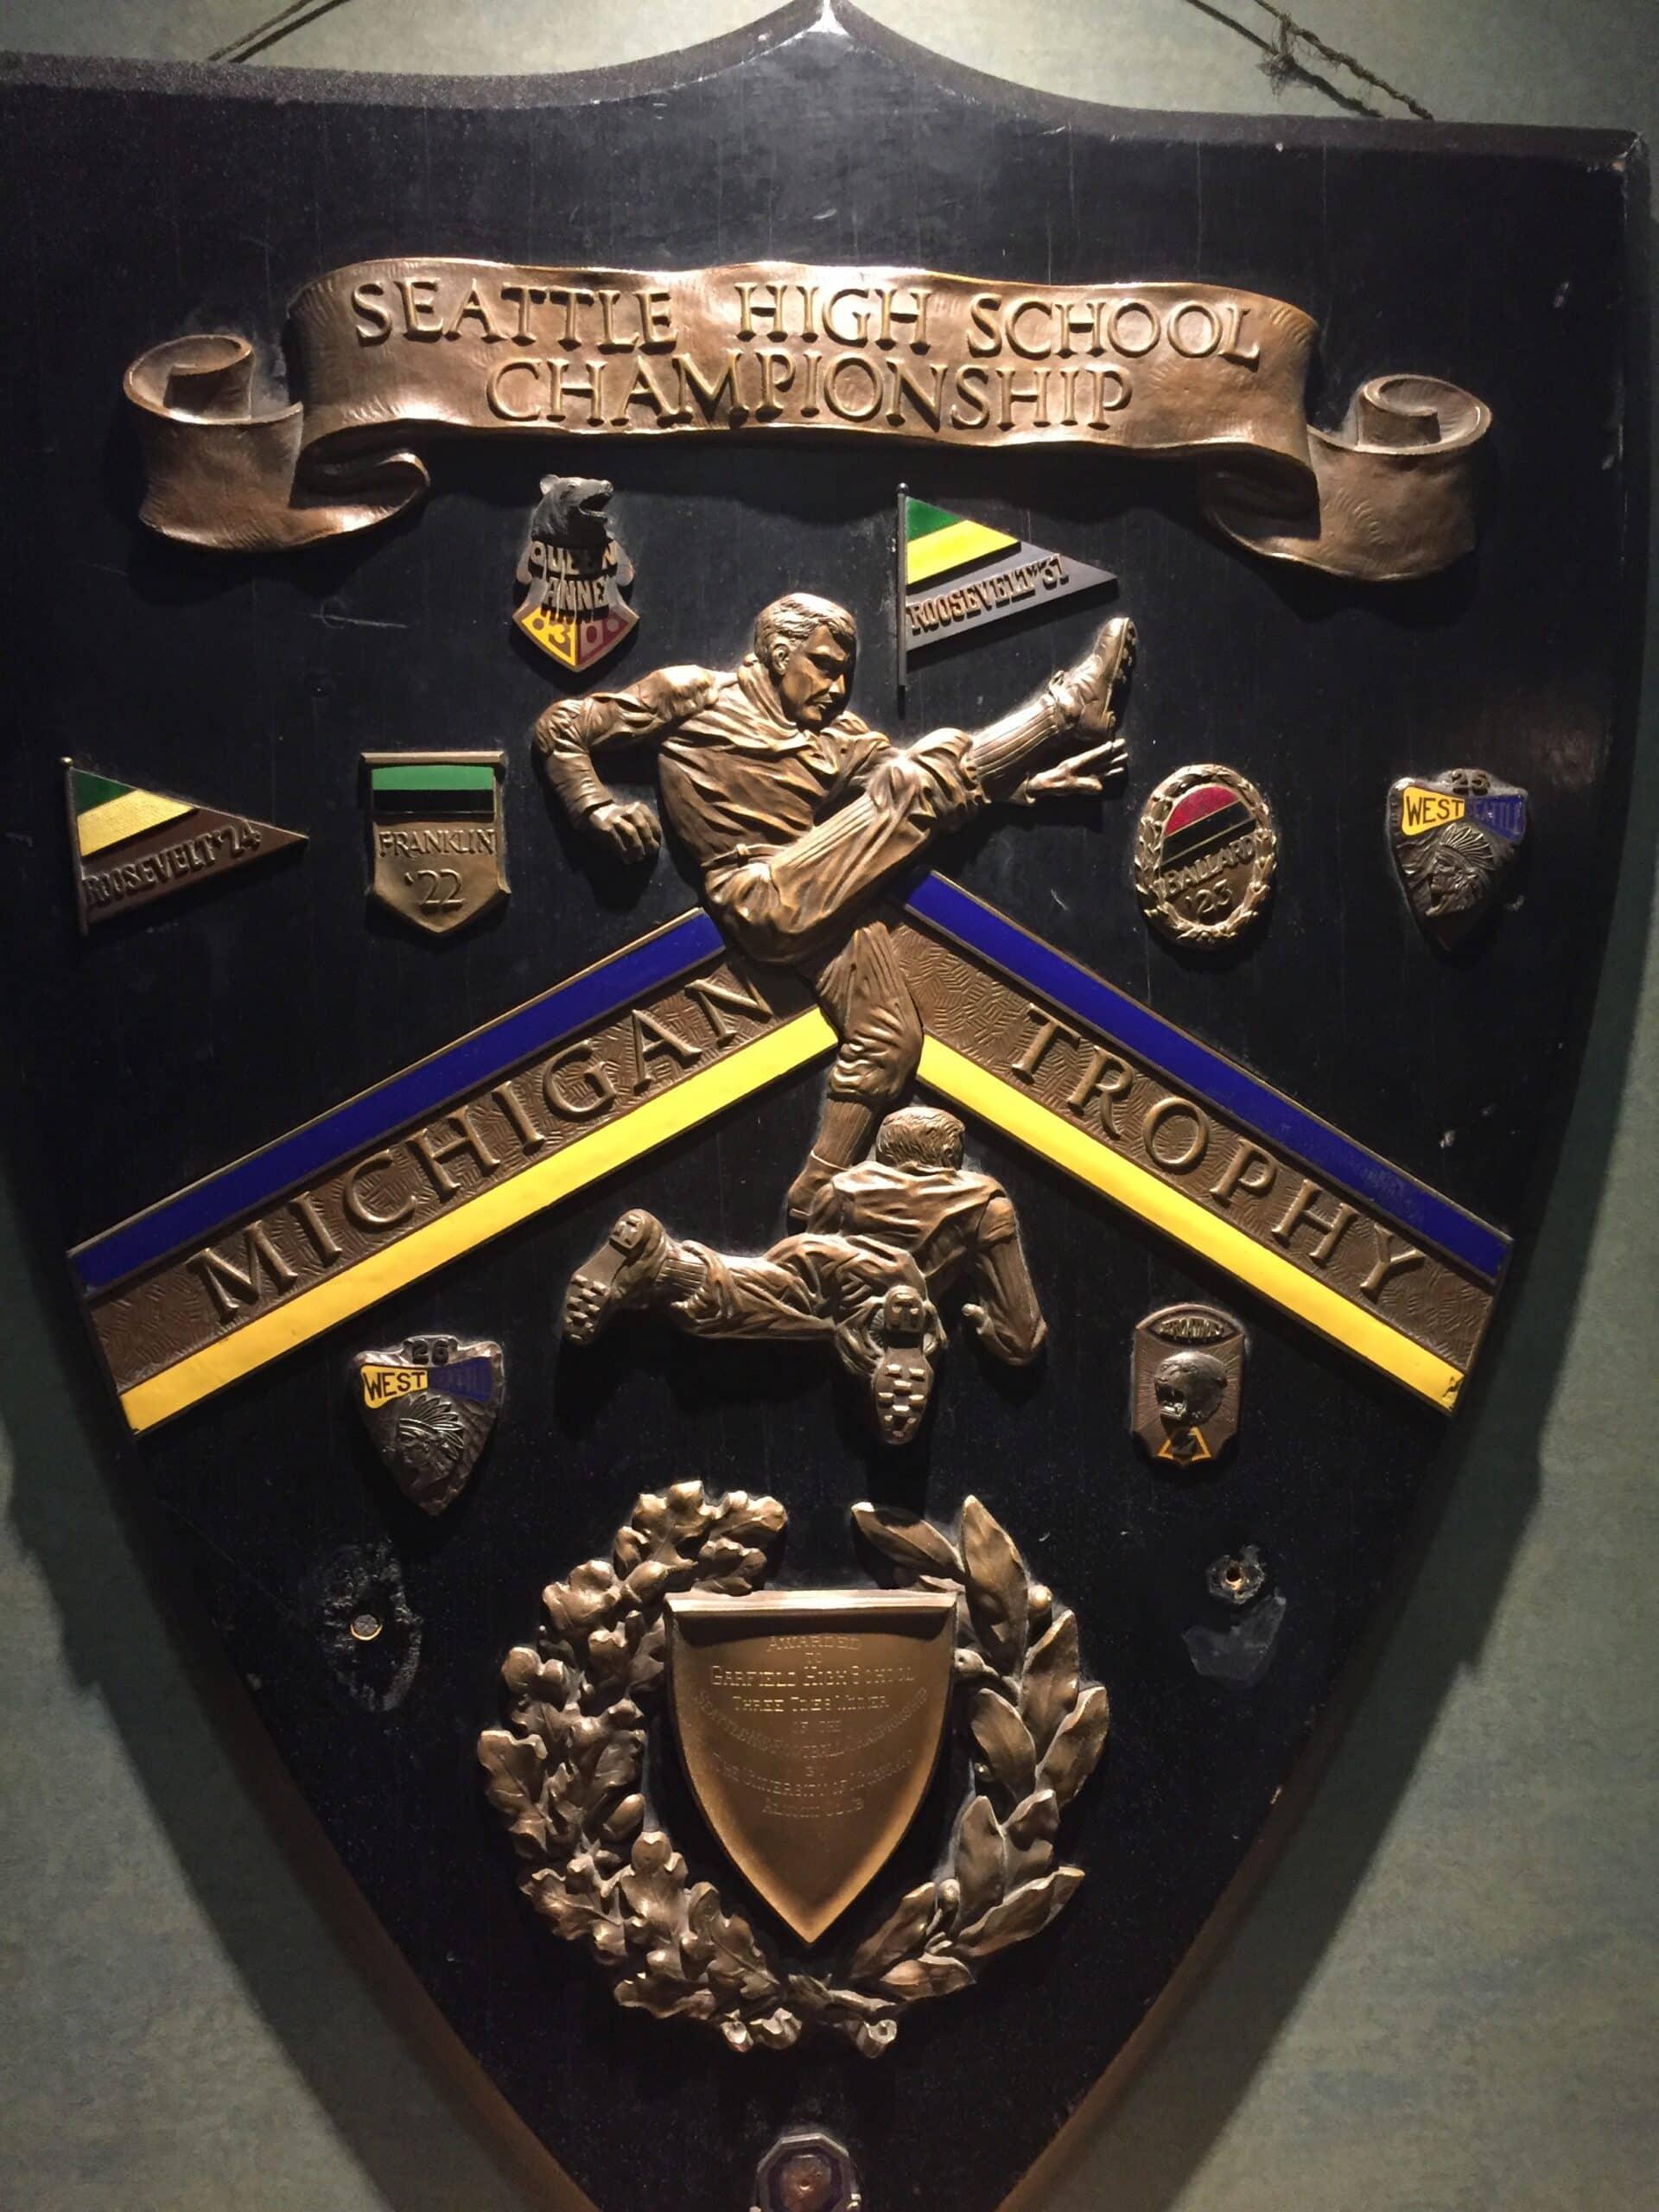 Michigan Trophy # 1